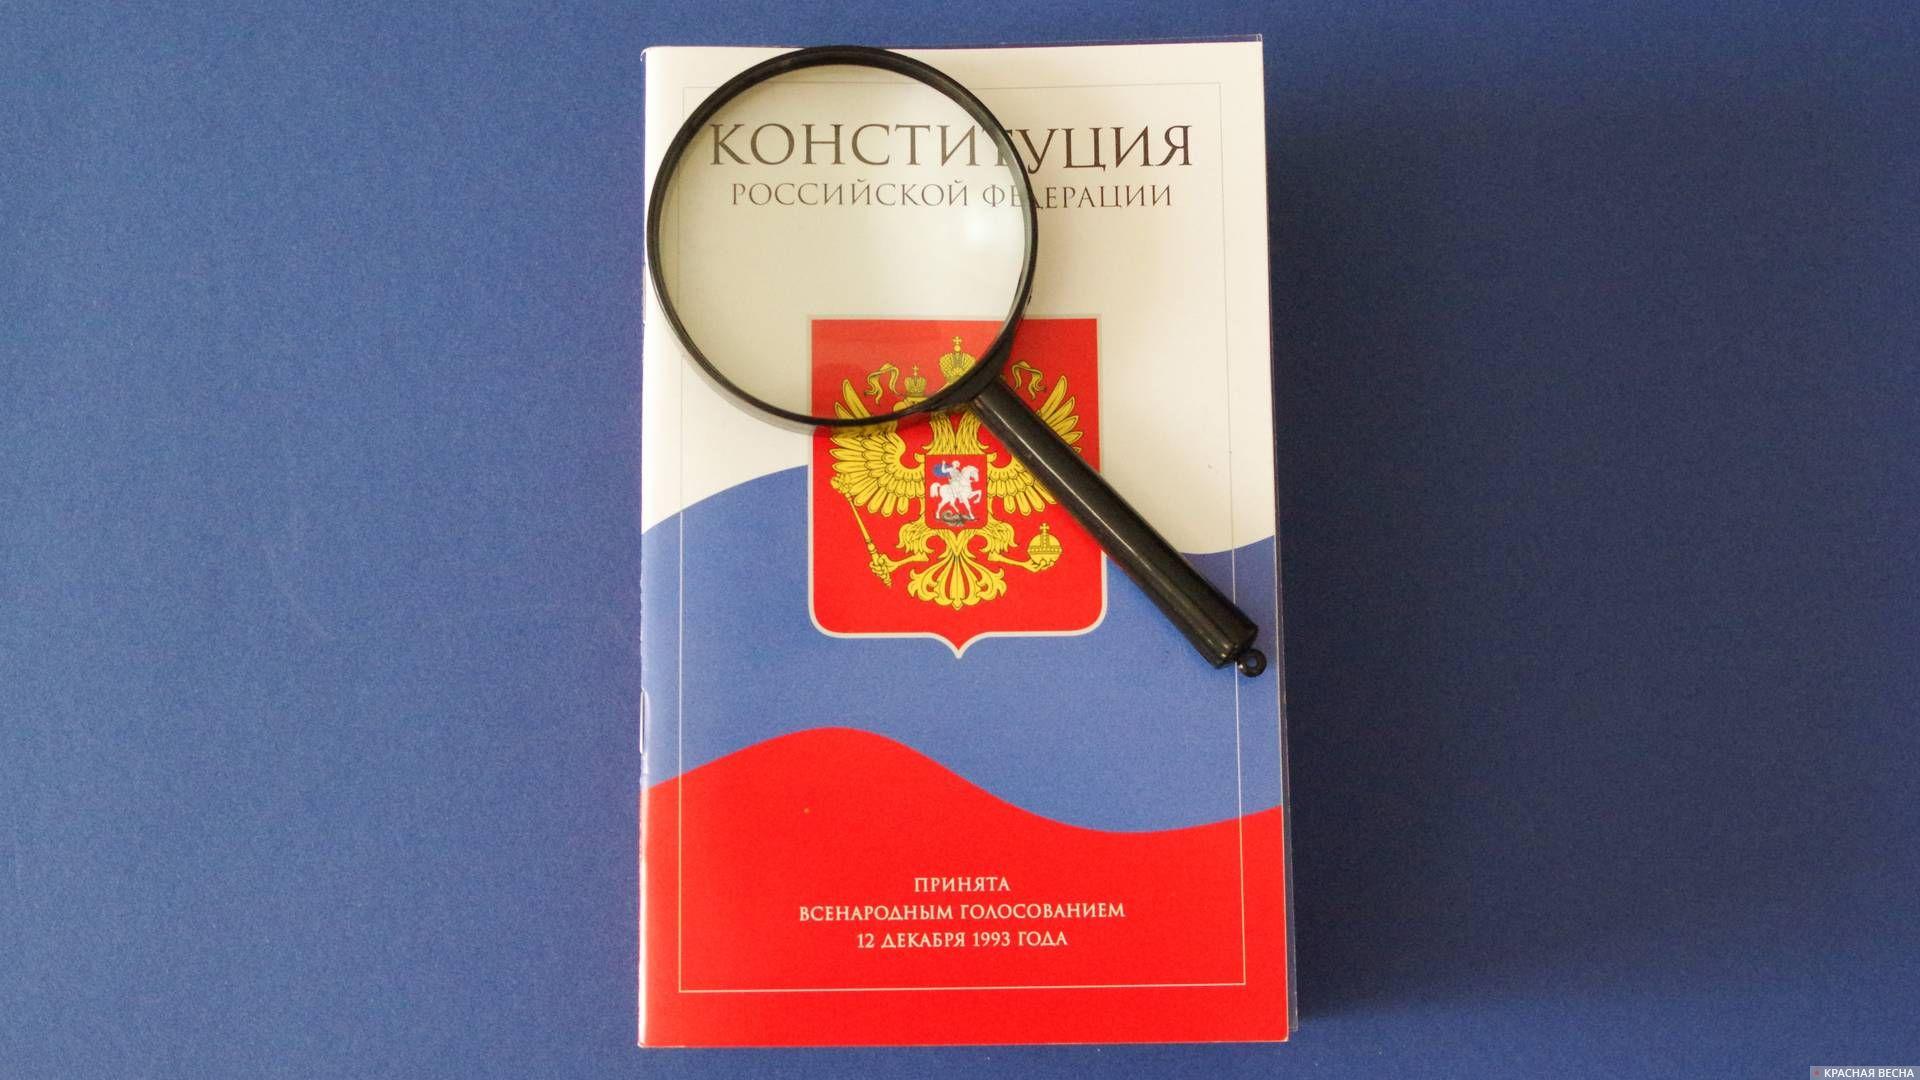 20181022_20-22-Действовали в рамках Конституции РФ- Виновны!